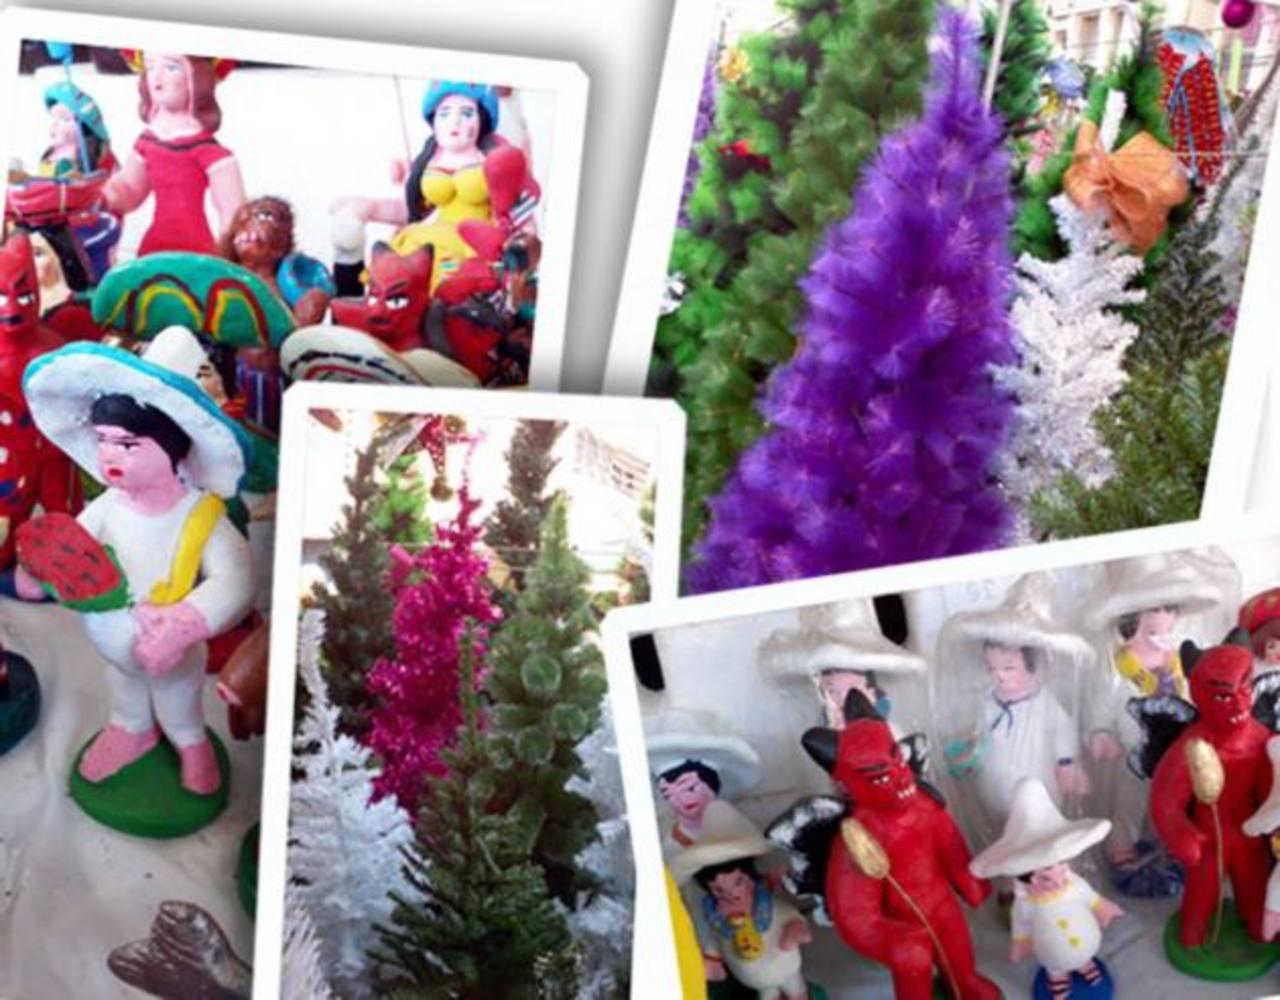 Arbolitos rosados y morados, figuritas del Cipitío, la Ciguanaba y la Tenchis. En el centro de San Salvador podés encontrar todo lo necesario para adornar tu casa en esta Navidad.